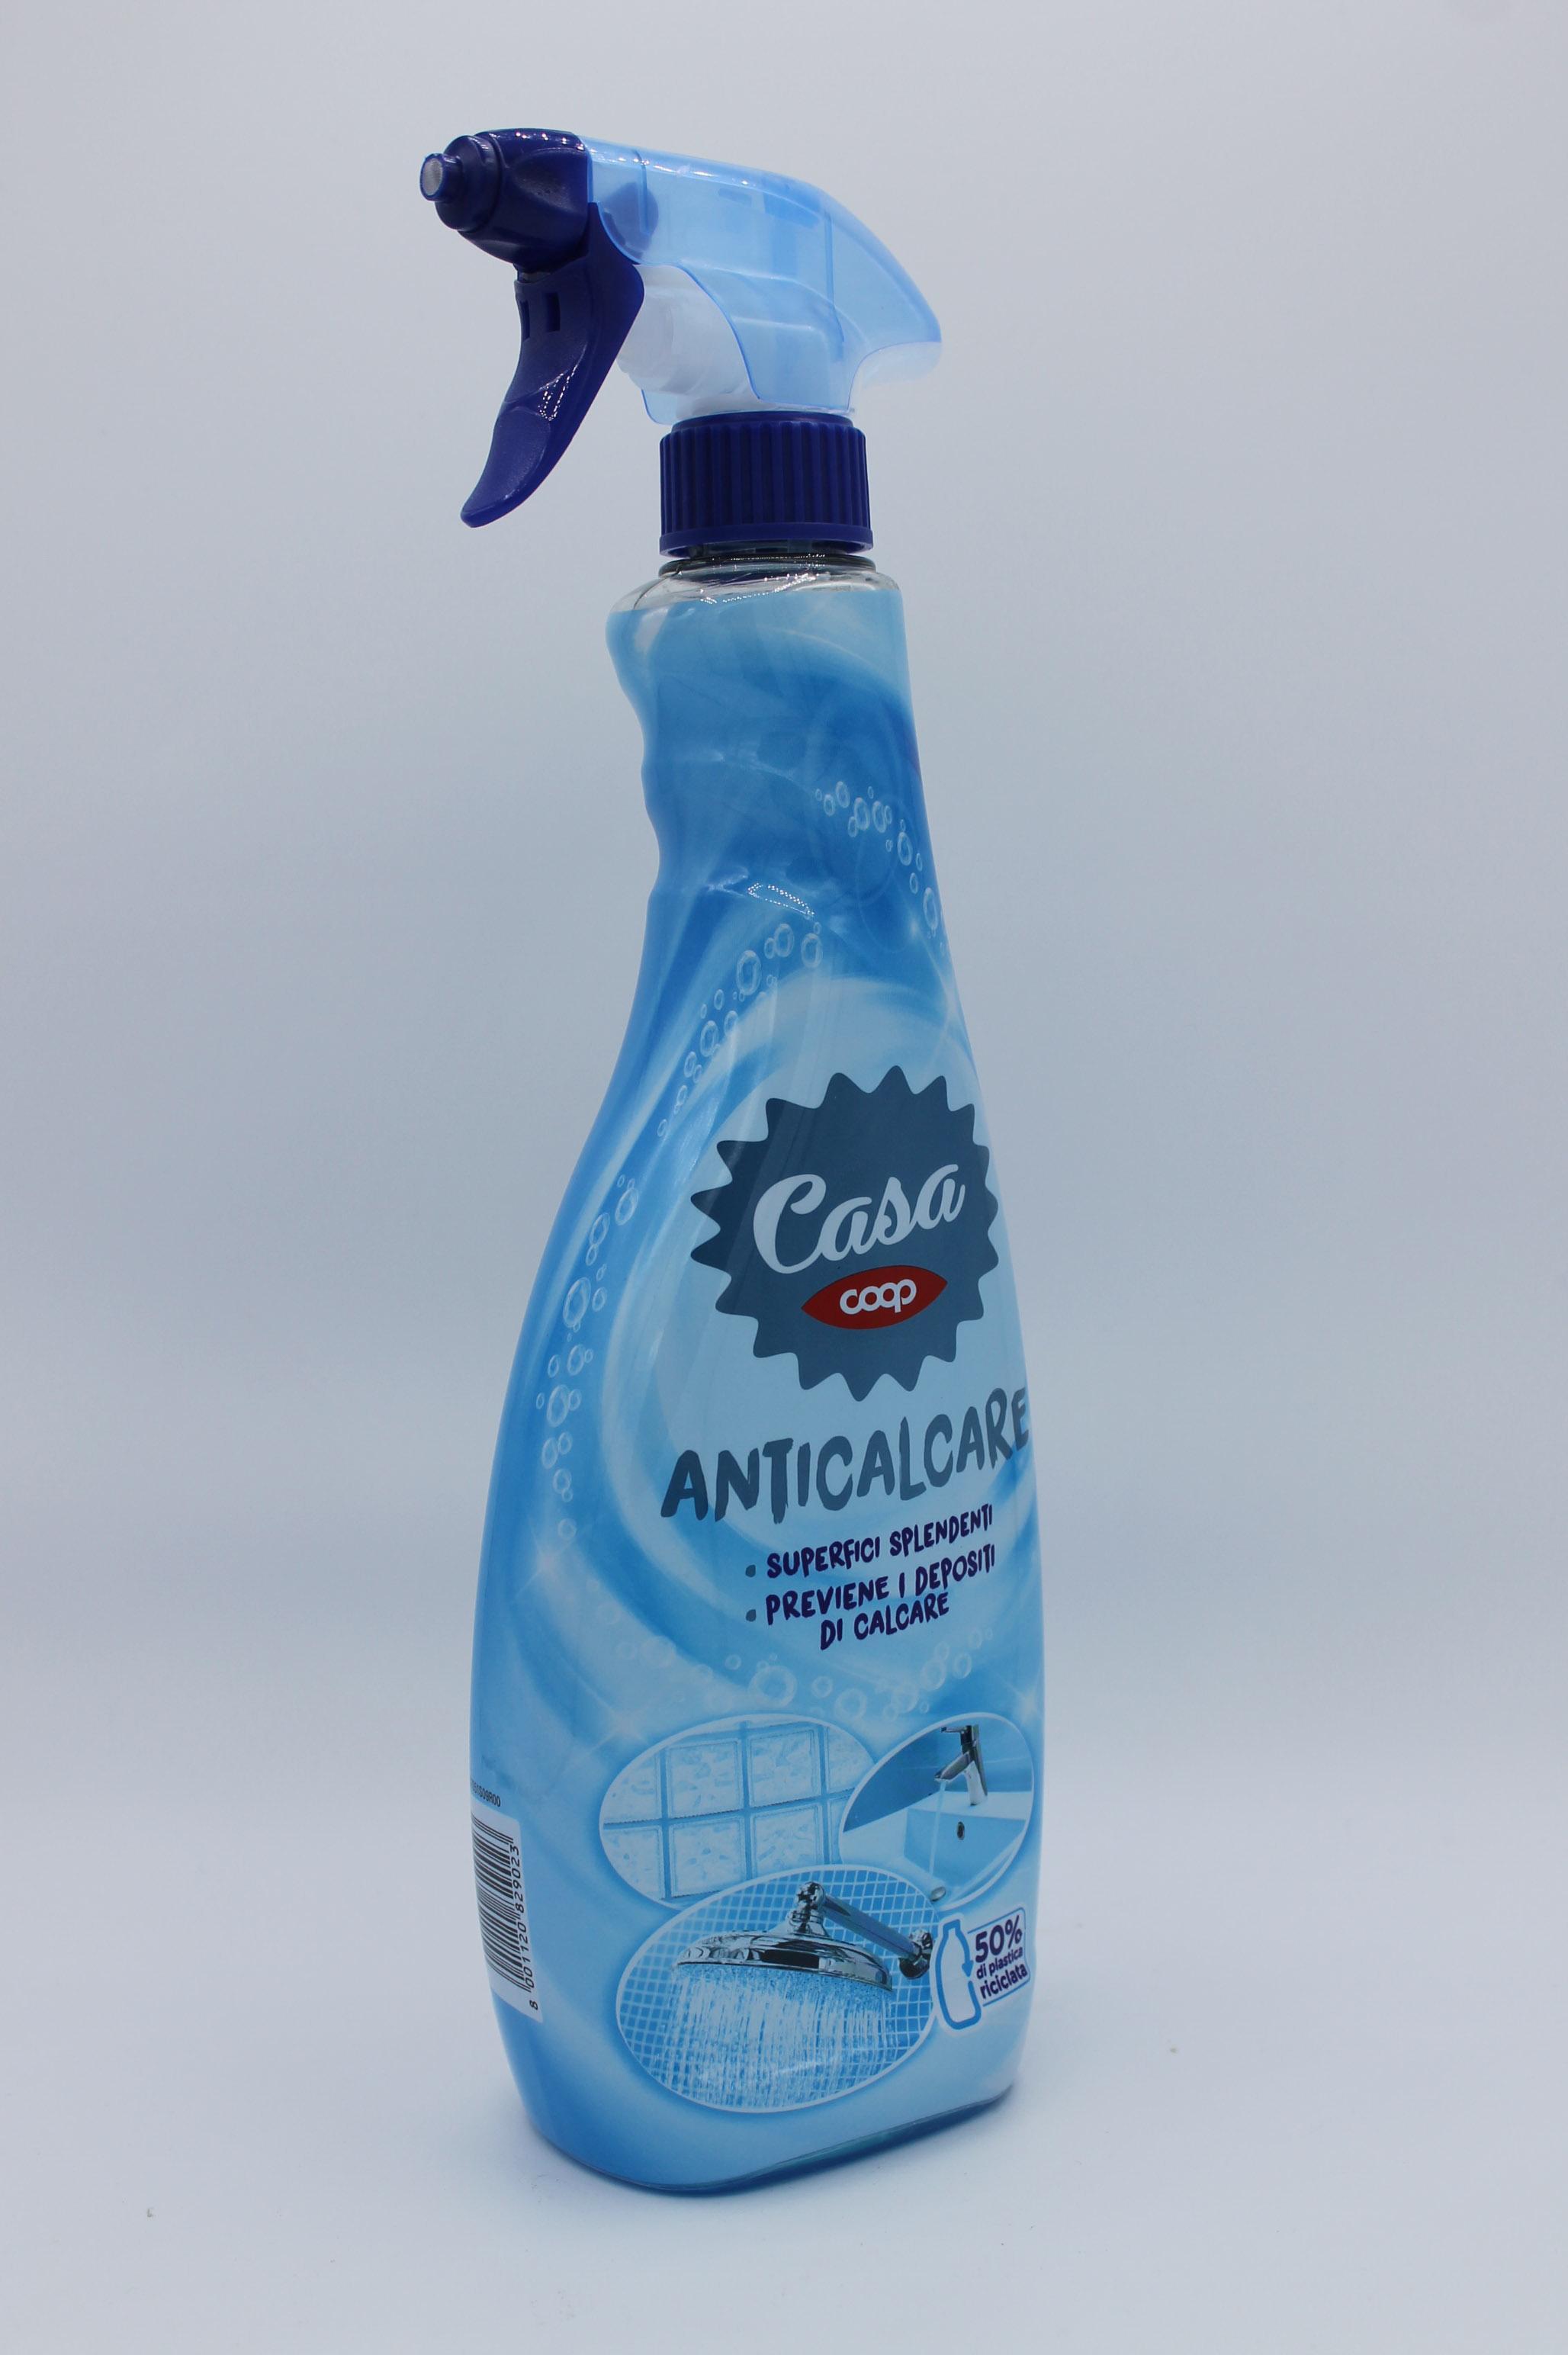 Casa coop detergente spray 750ml vari tipi.